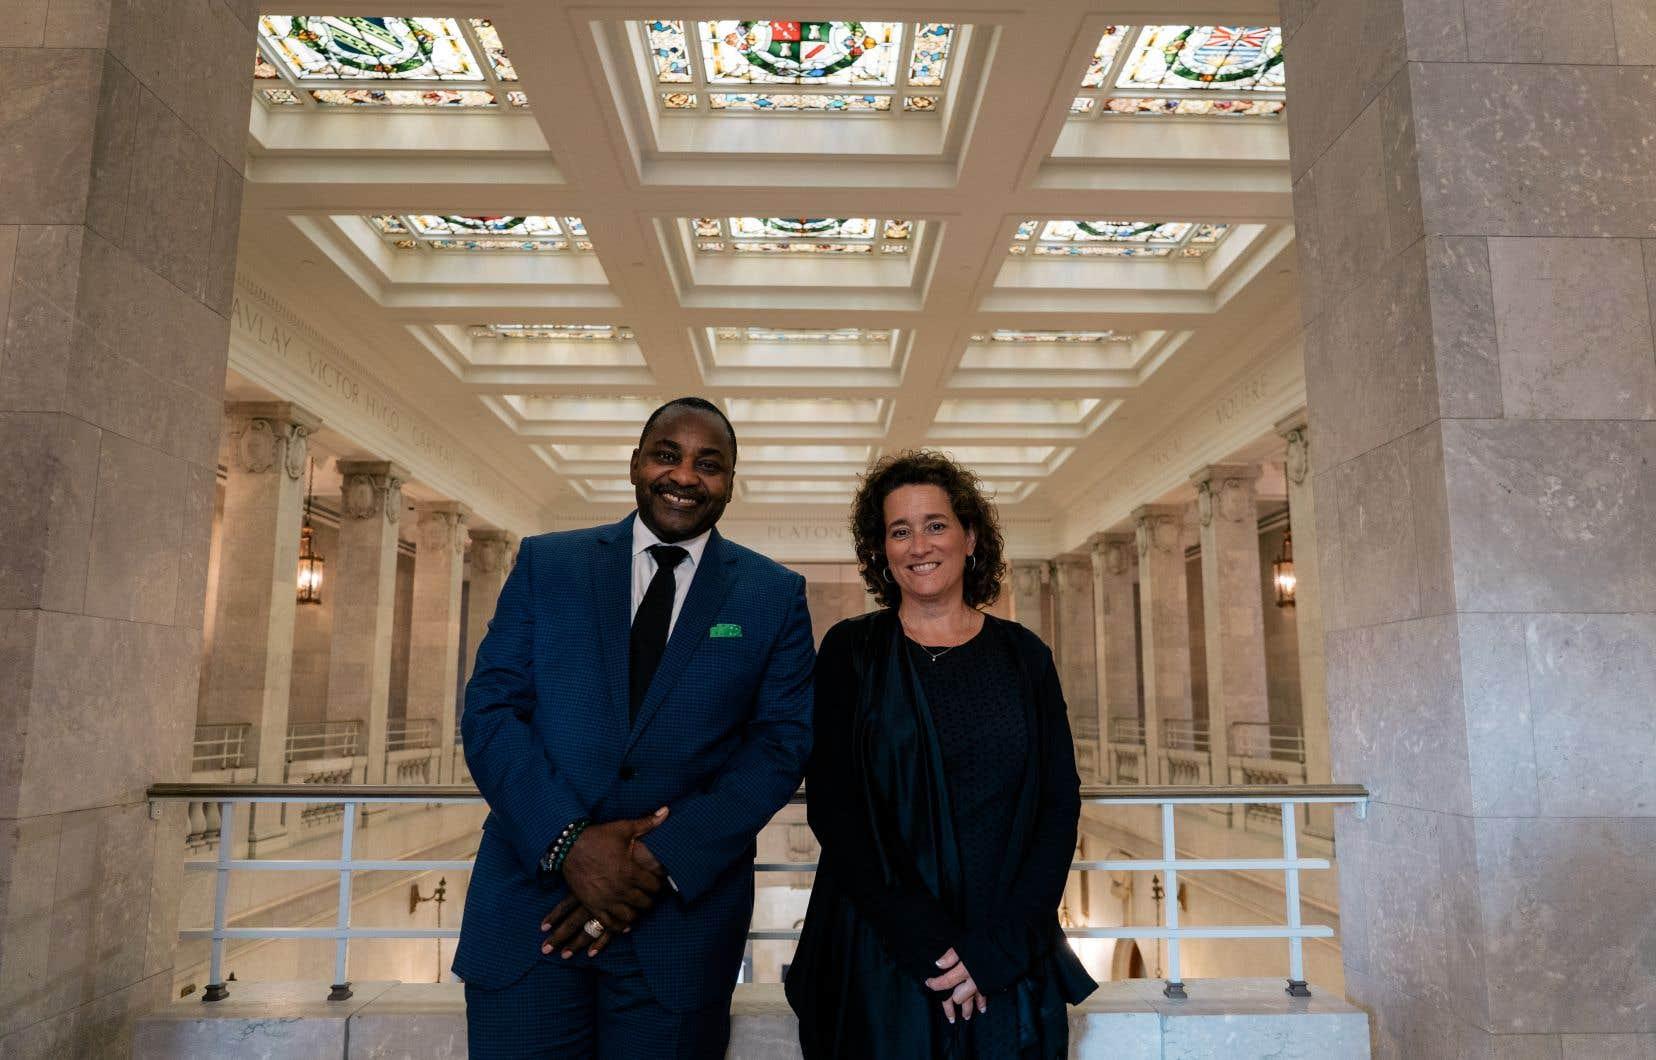 À moyen terme, le nerf de la guerre pandémique sera financier explique le nouveau président du Conseil des arts de Montréal, Ben Marc Diendéré, ici accompagné de la directrice générale, Nathalie Maillé.